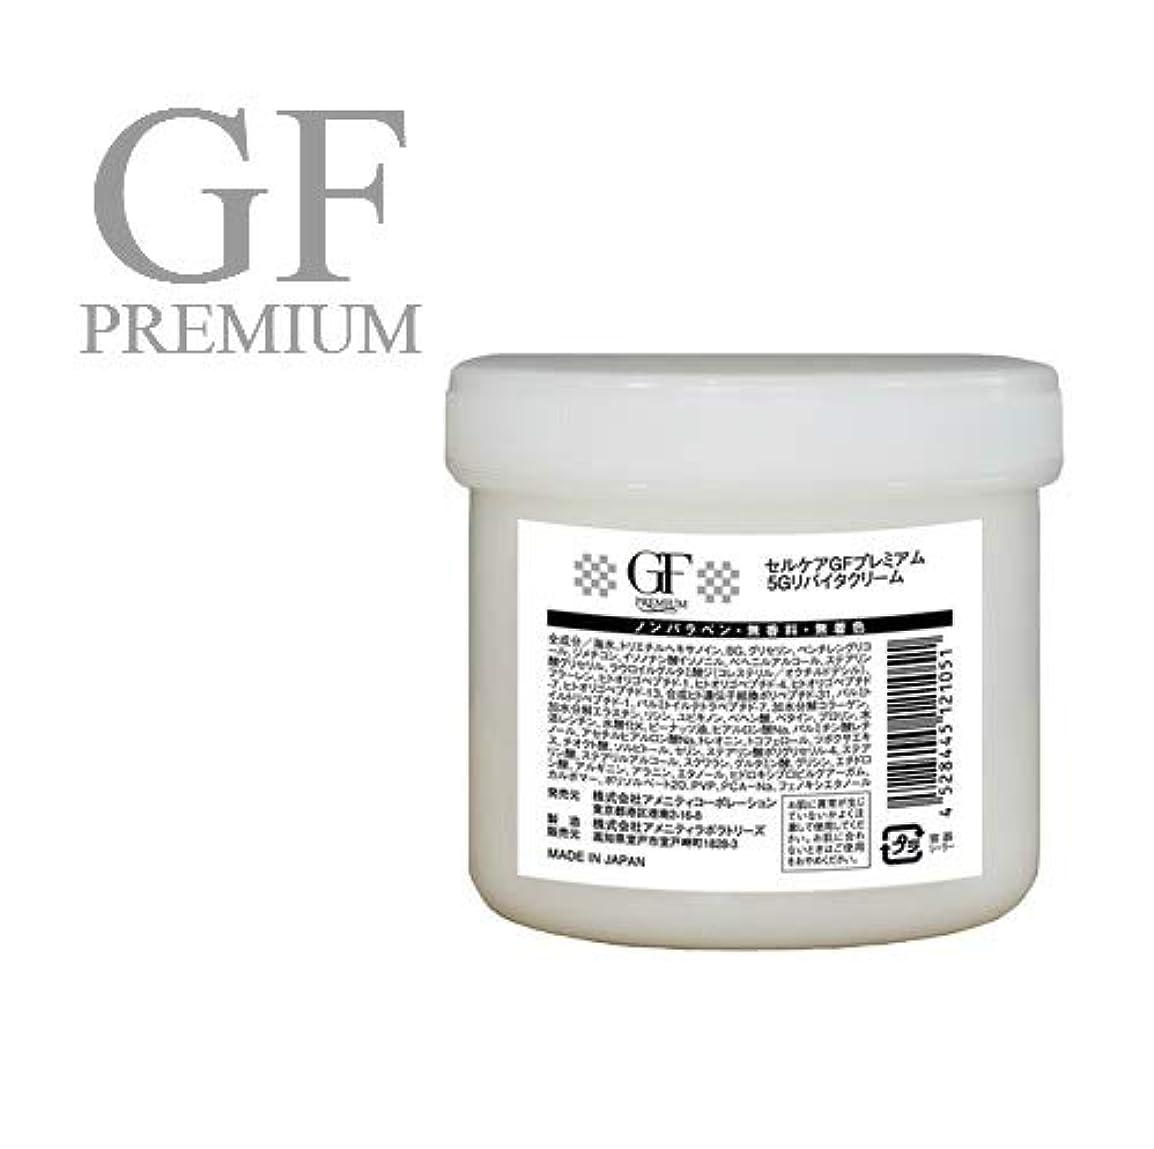 誘惑タウポ湖きちんとしたセルケア GF プレミアム 5G リバイタクリーム お徳用 250g